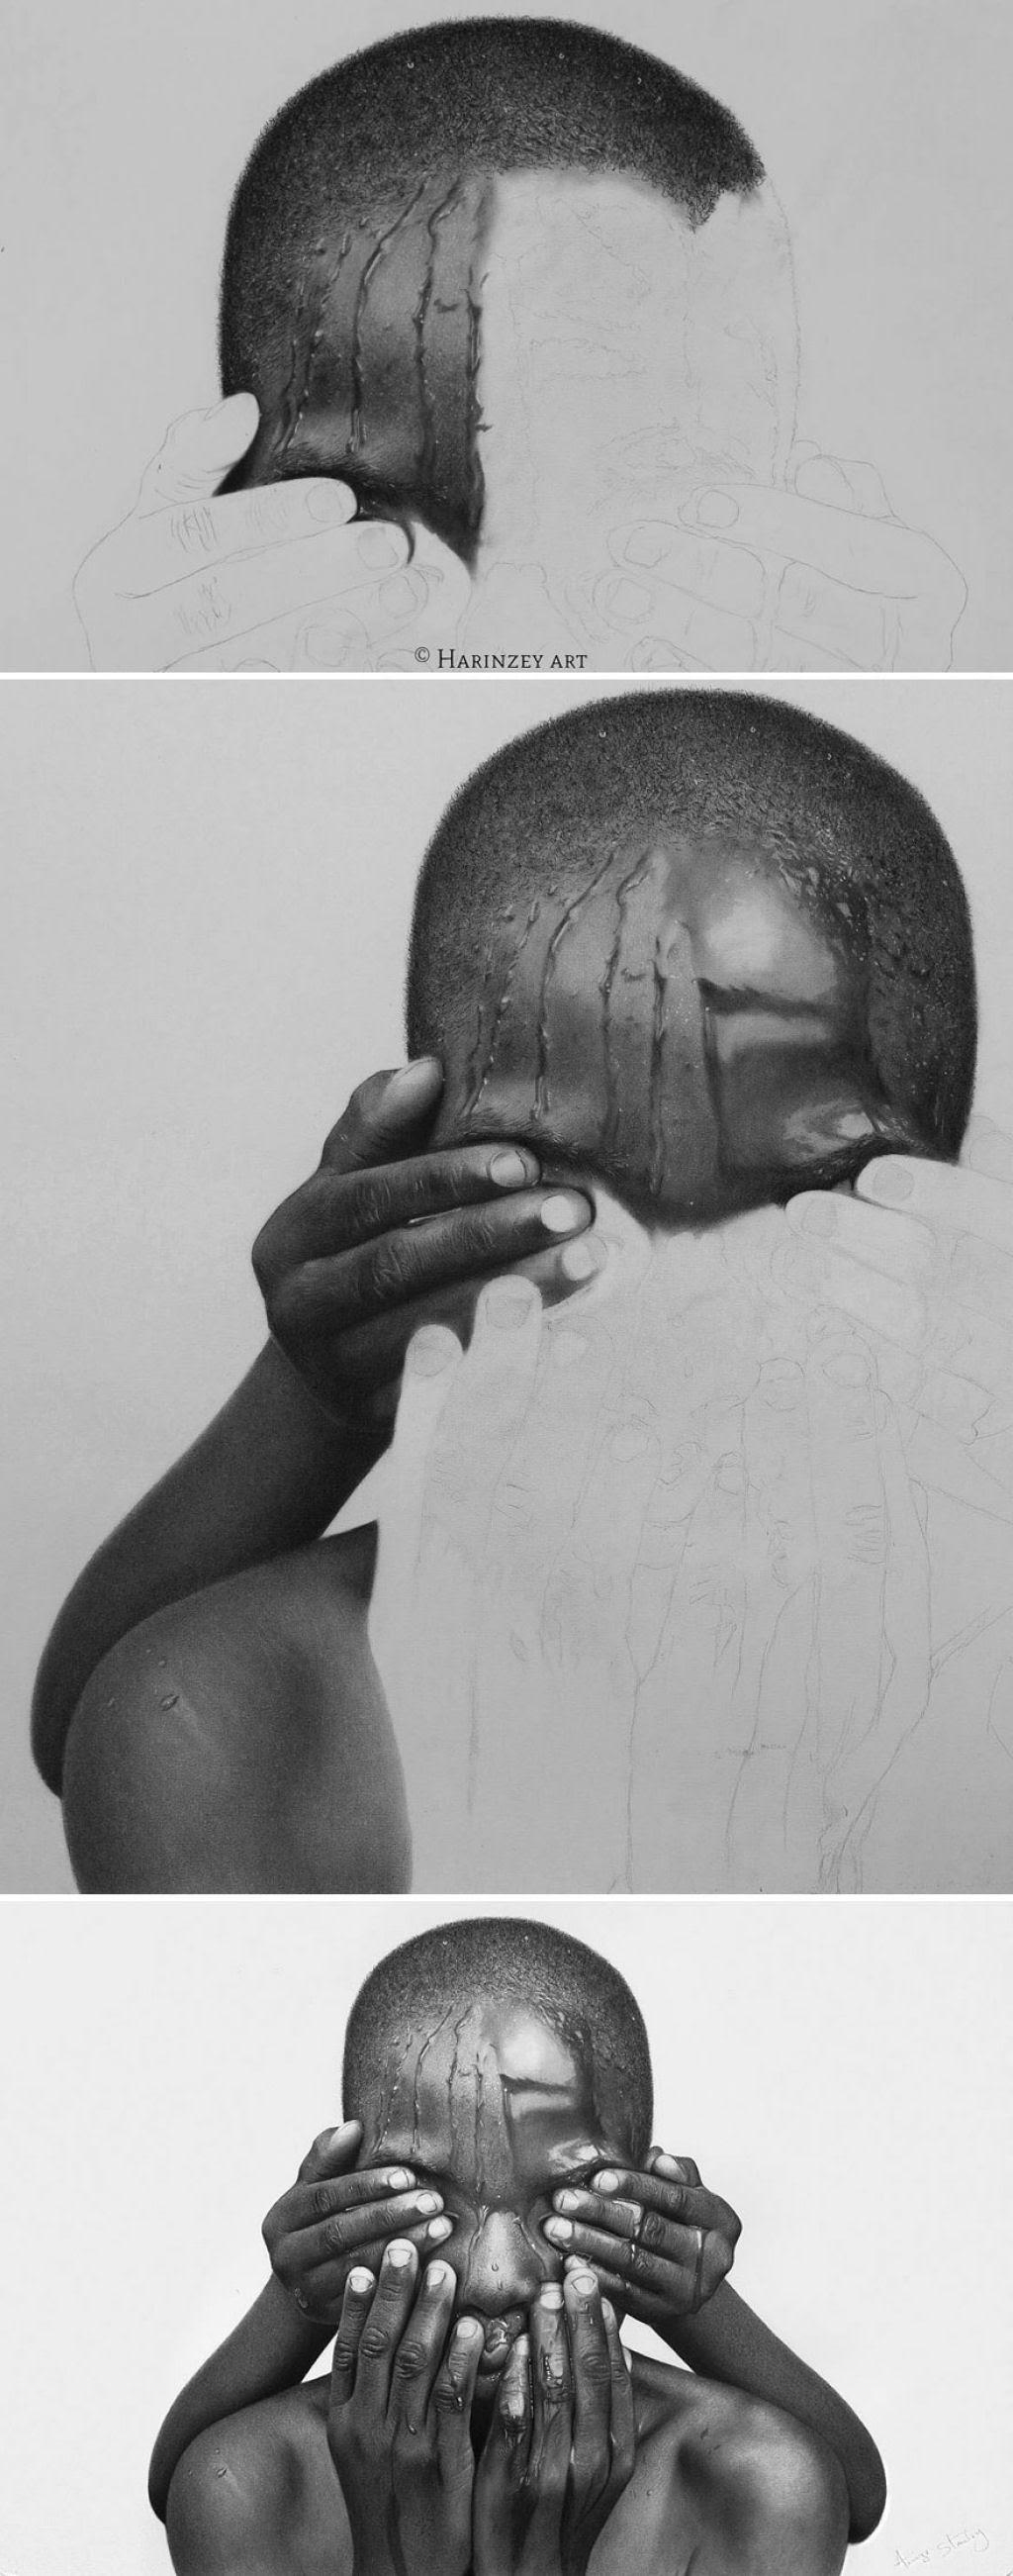 Retratos hiperrealistas de grande porte renderizados com grafite e carvão 02